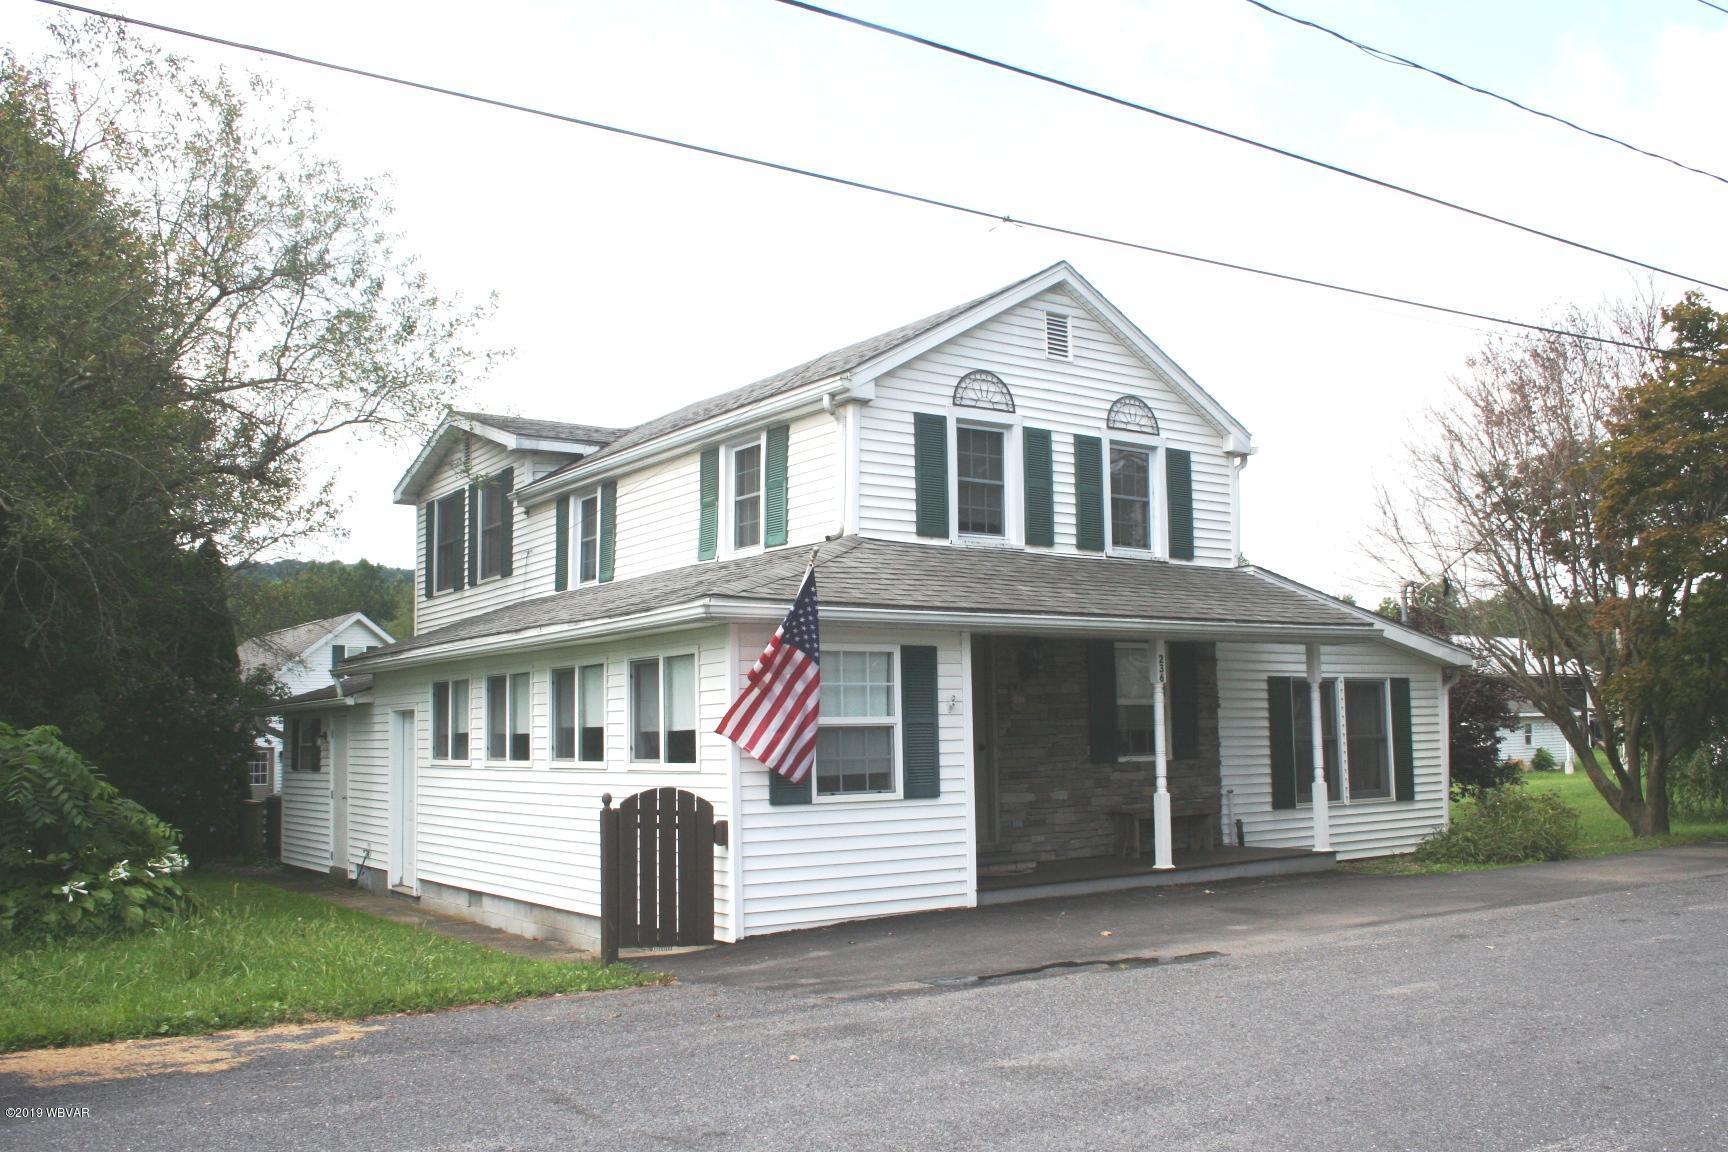 236 BUCK STREET,Muncy,PA 17756,3 Bedrooms Bedrooms,1.75 BathroomsBathrooms,Residential,BUCK,WB-88237